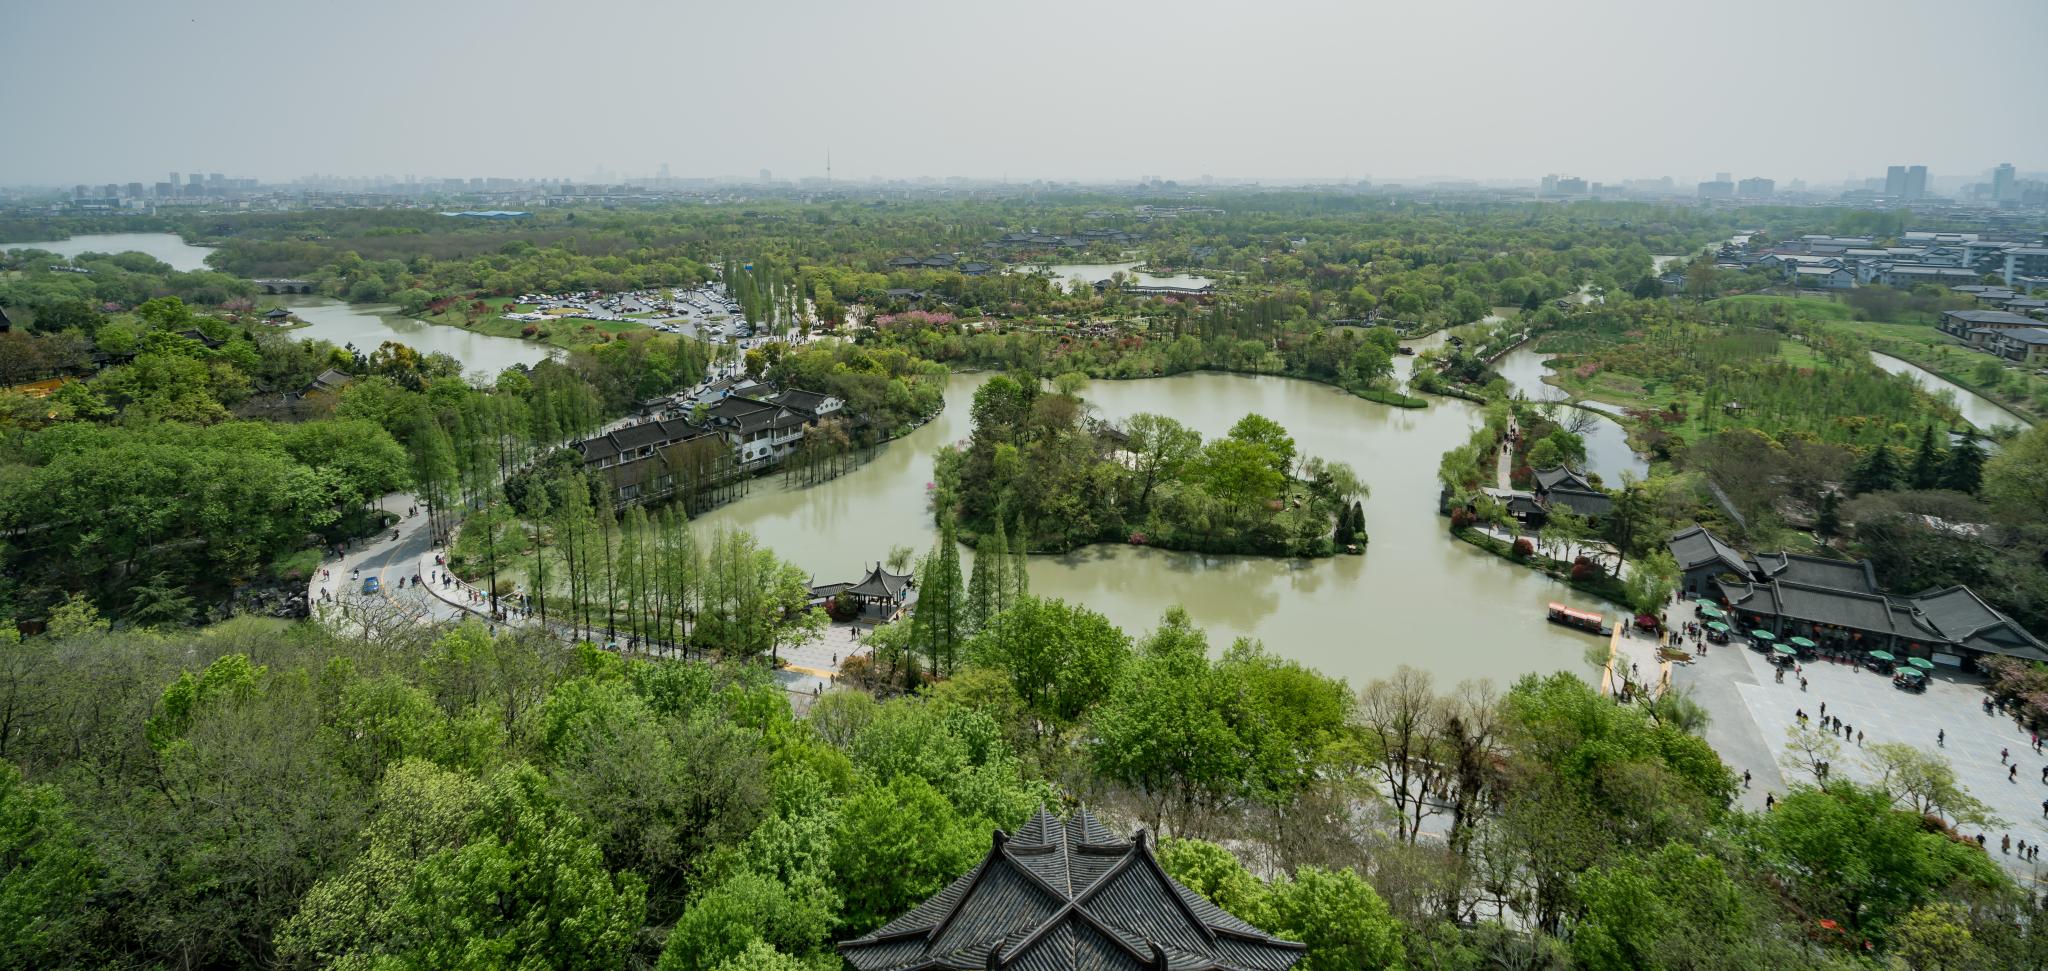 扬州去哪玩,扬州哪好玩,扬州旅游景点盘点